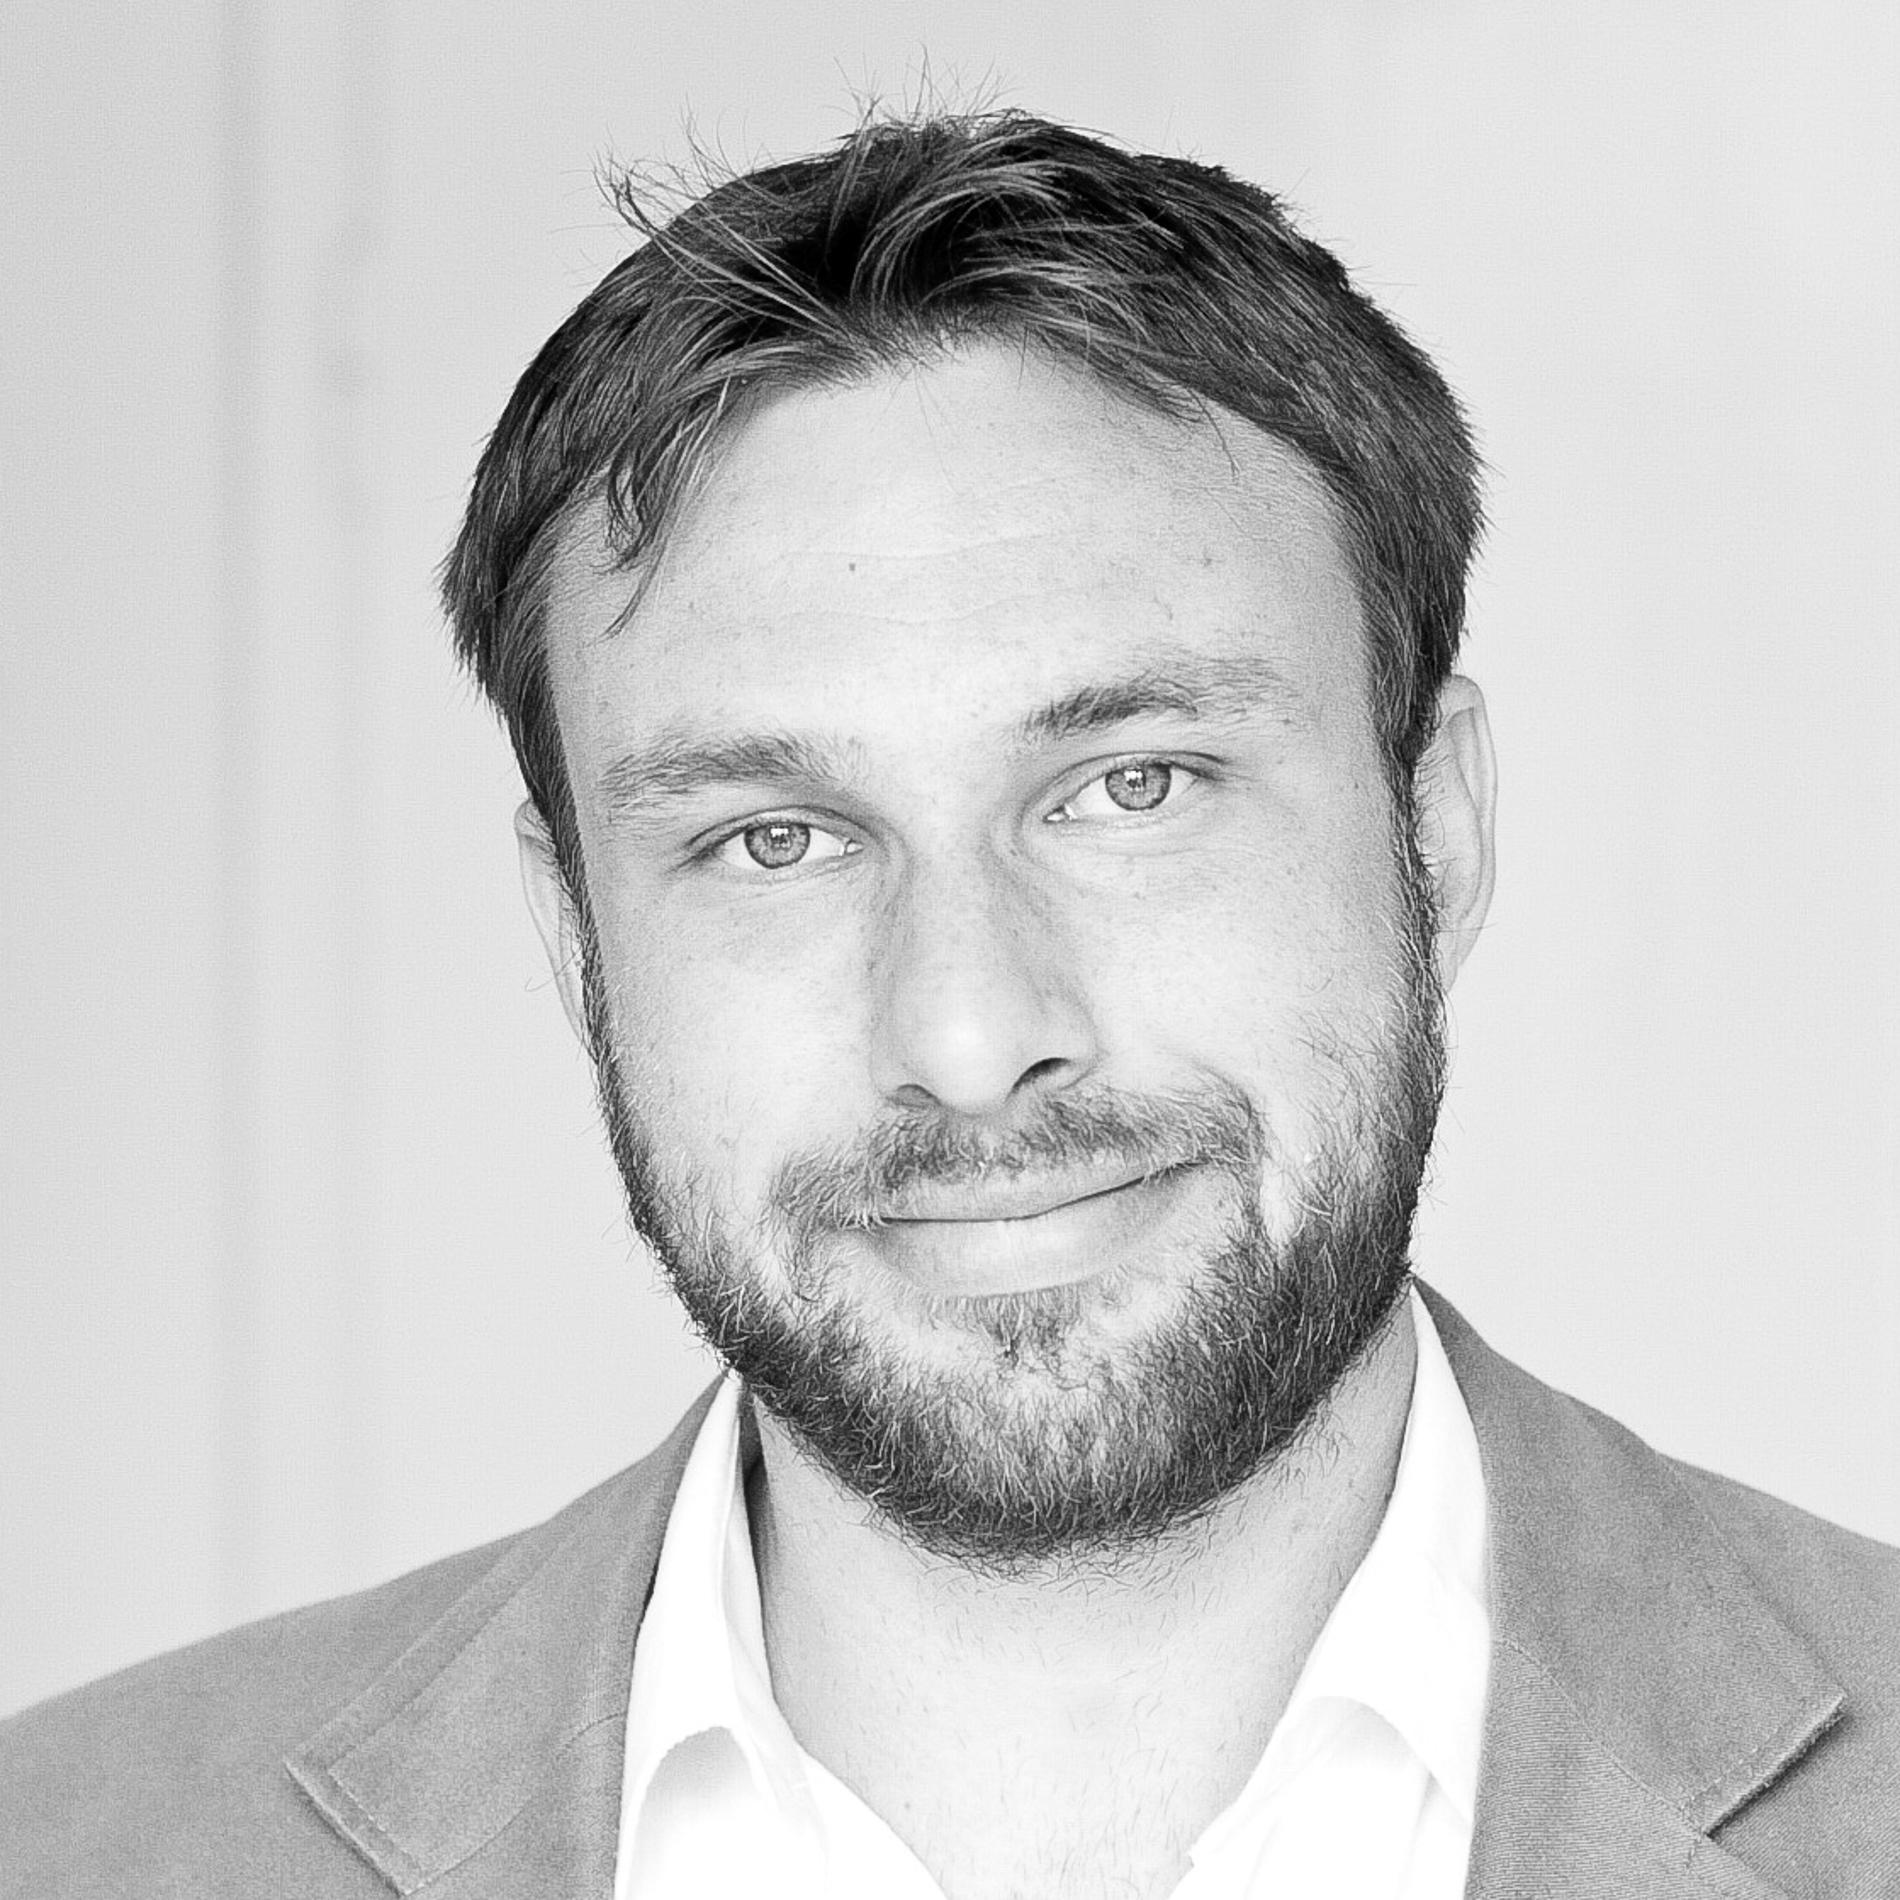 Mirko Krenzel